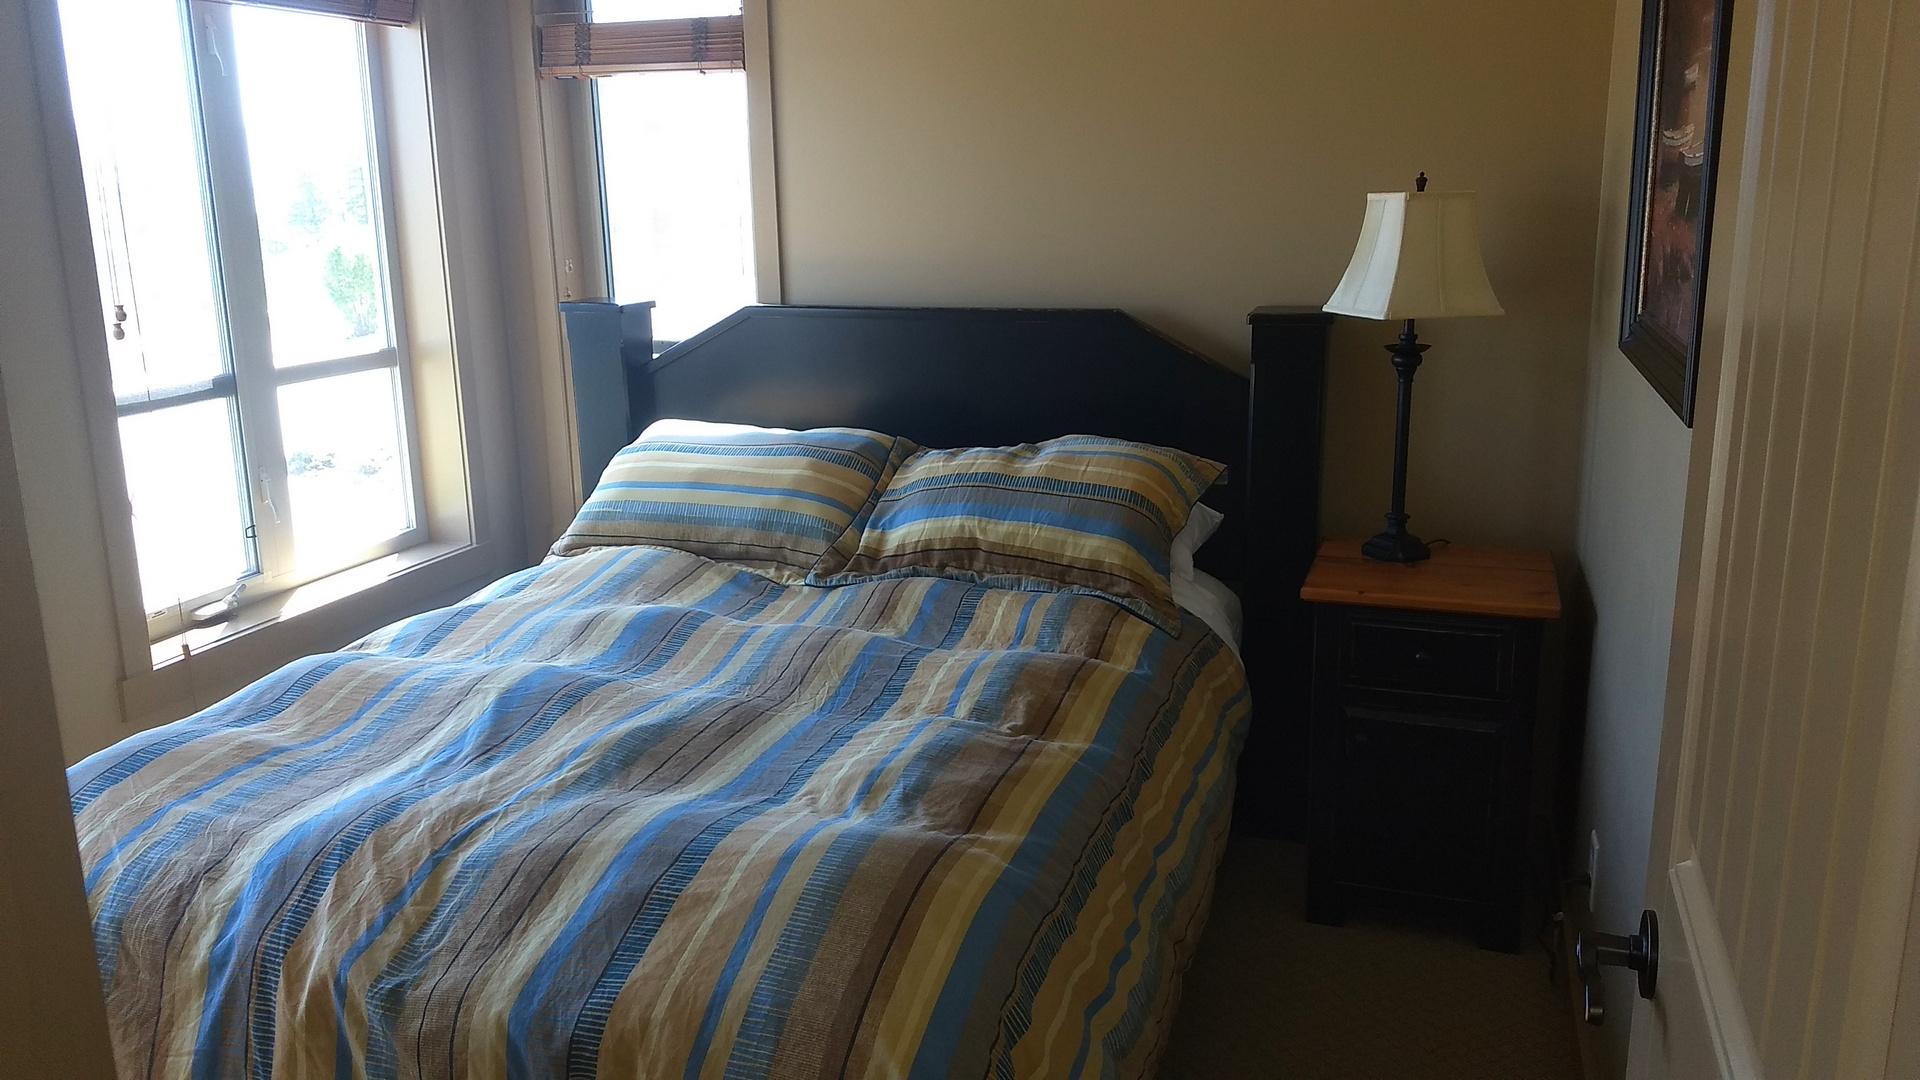 392 Main floor bed view 2